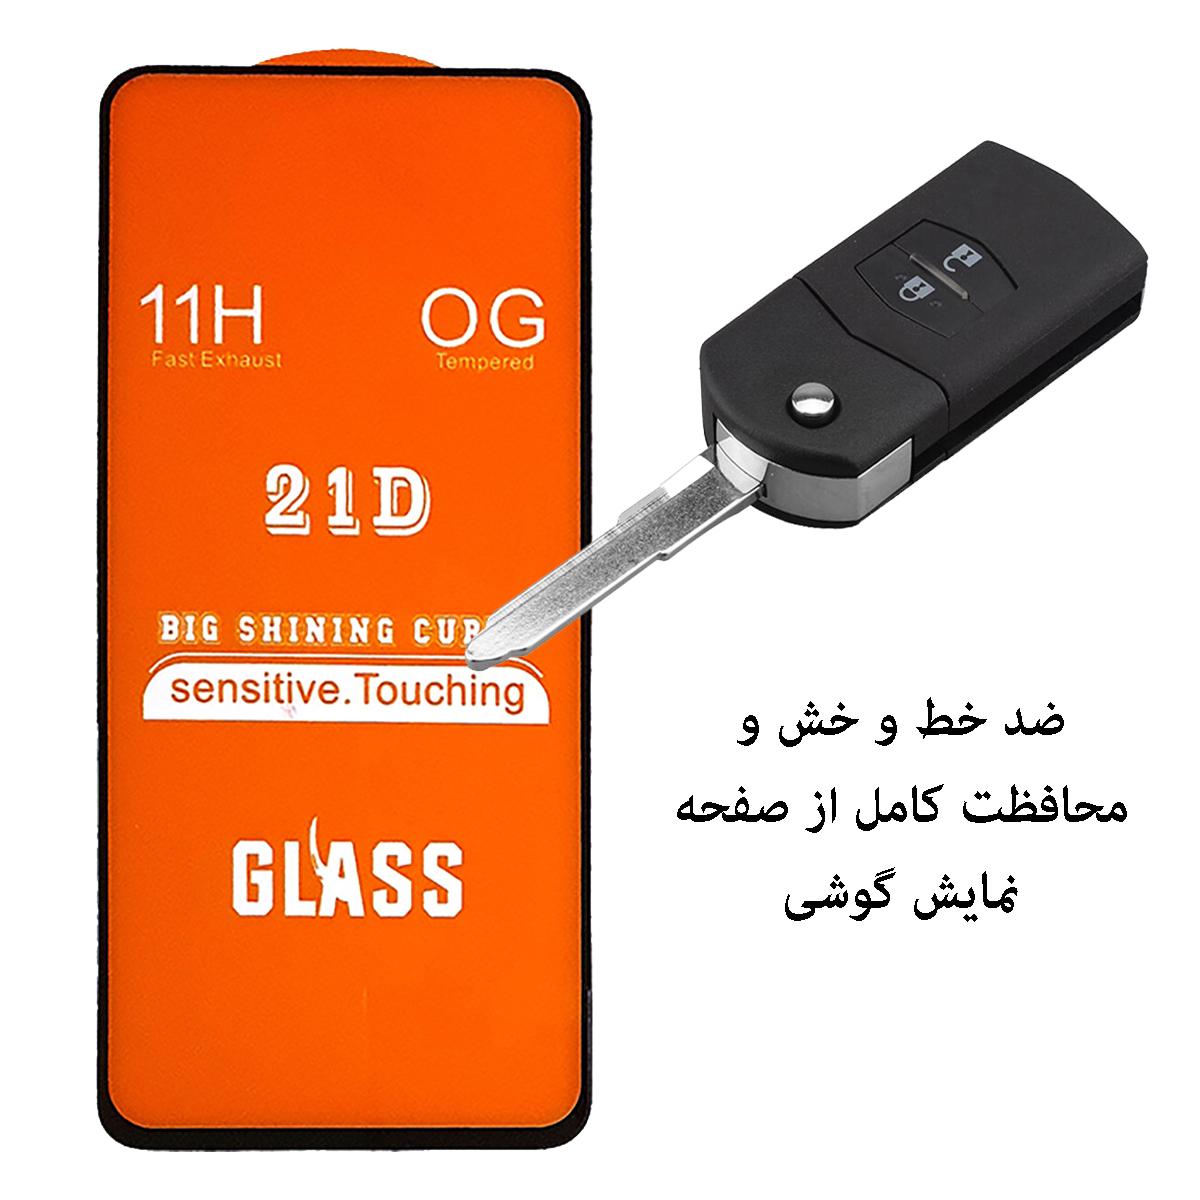 محافظ صفحه نمایش مدل OR مناسب برای گوشی موبایل سامسونگ Galaxy A51 main 1 3